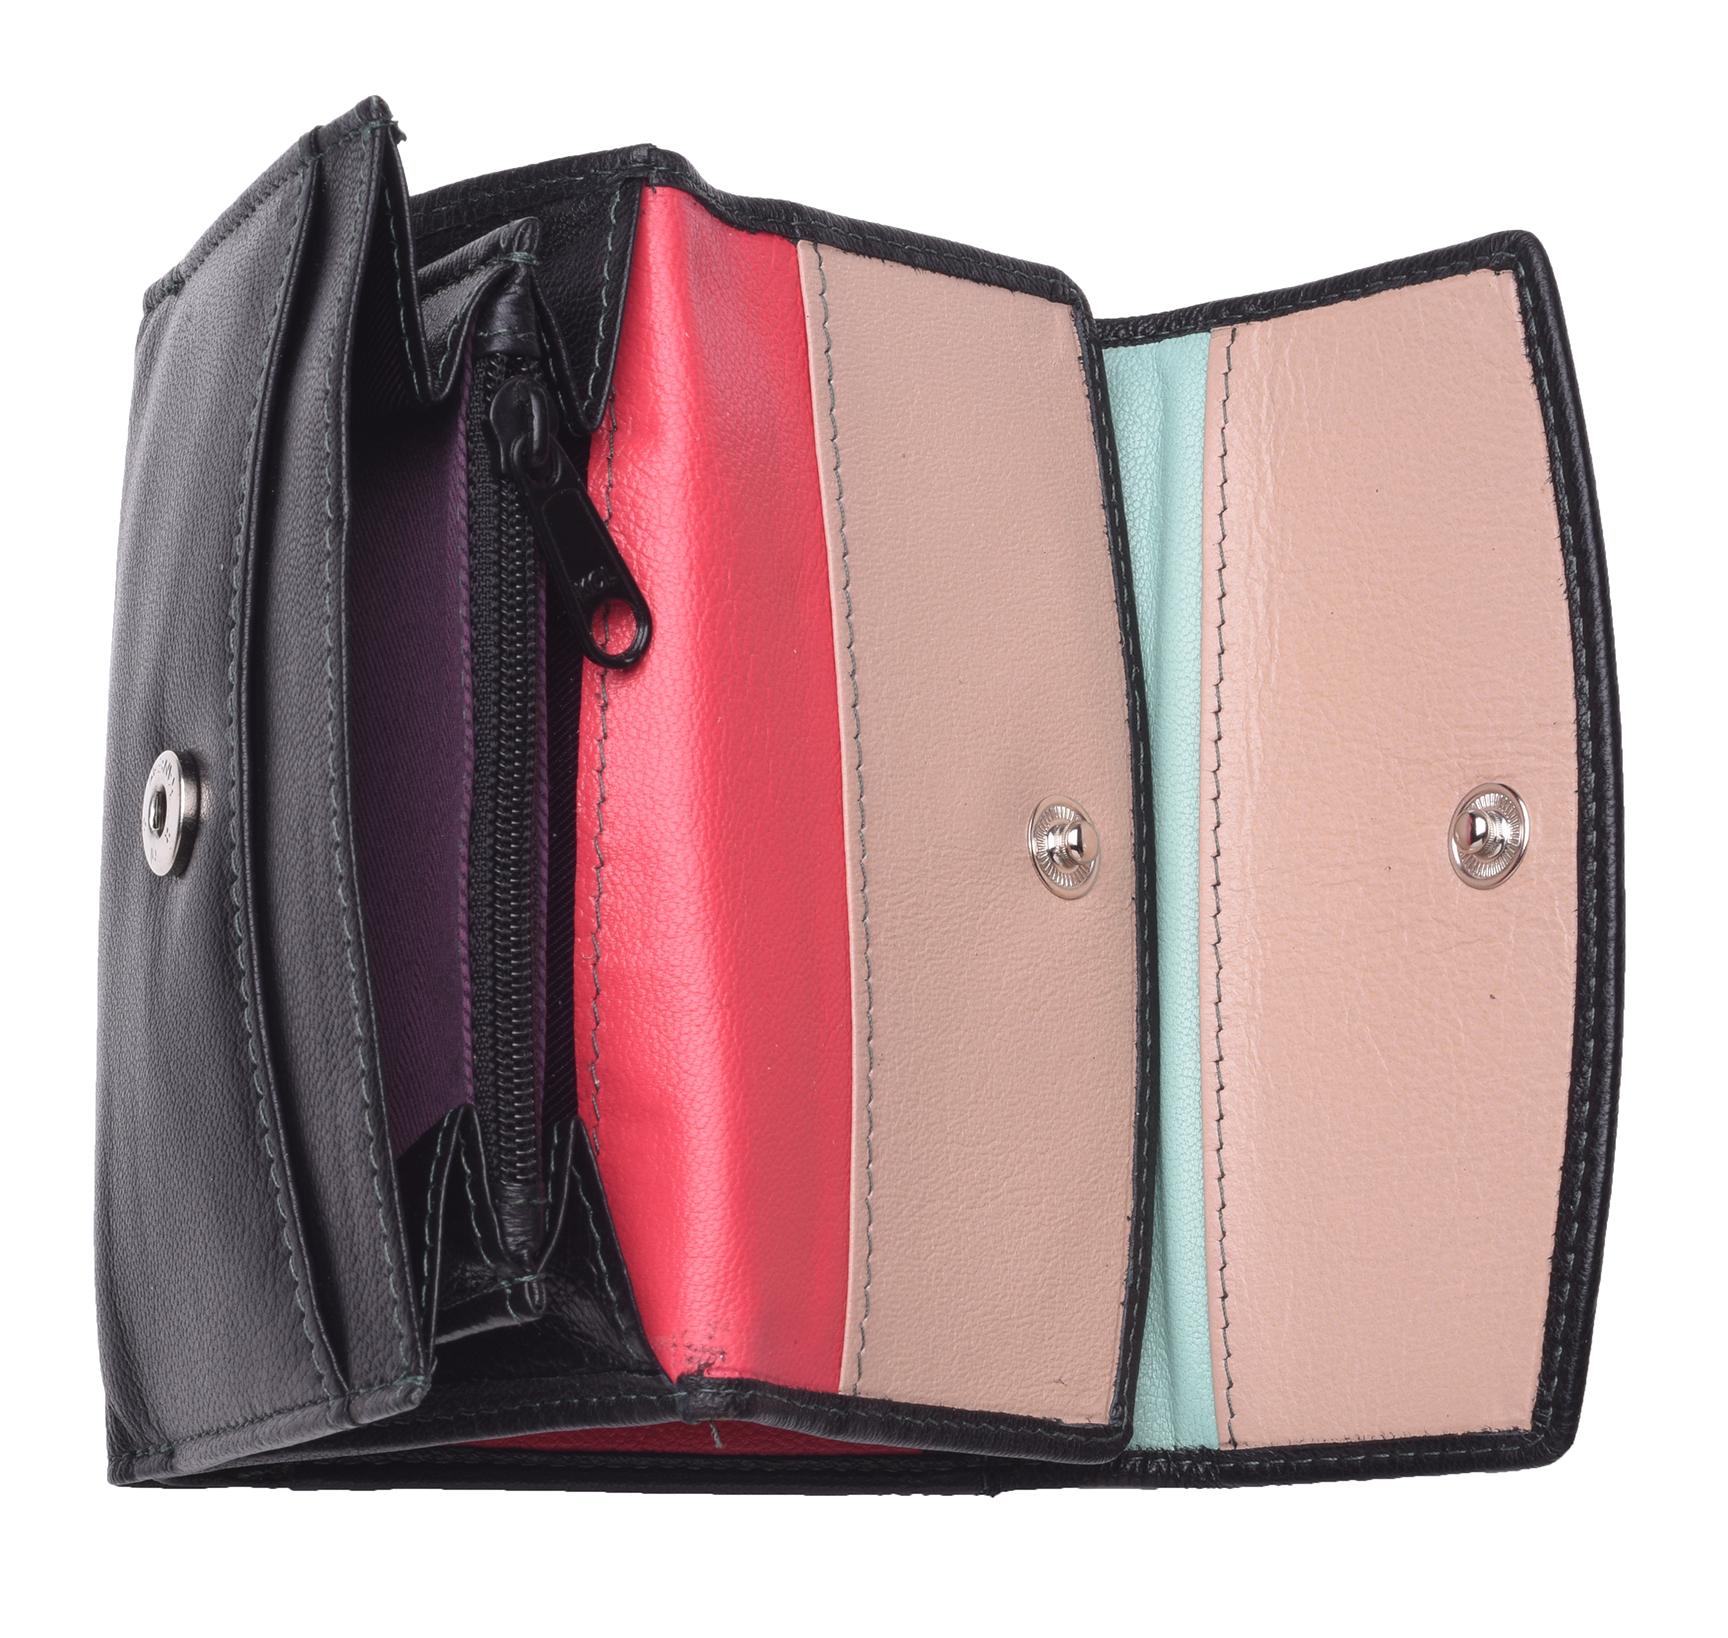 Femme-Multi-Couleur-RFID-Bloquant-en-cuir-veritable-sac-a-main-bleu-violet-noir miniature 16